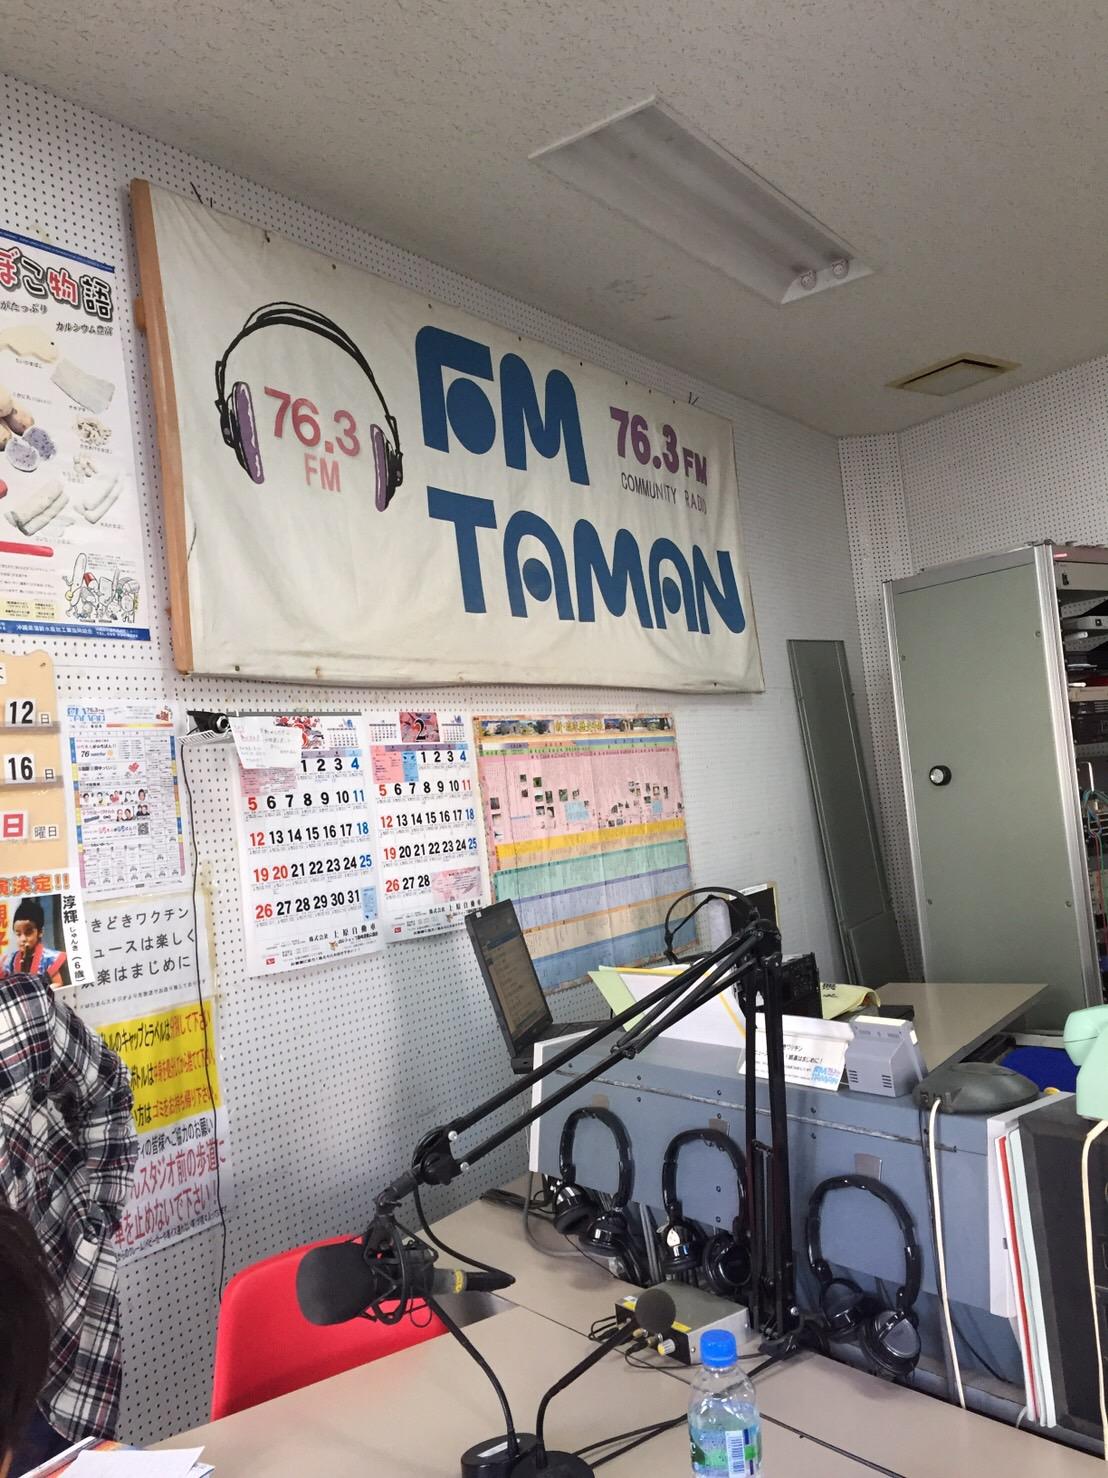 沖縄のラジオ「FMたまん」